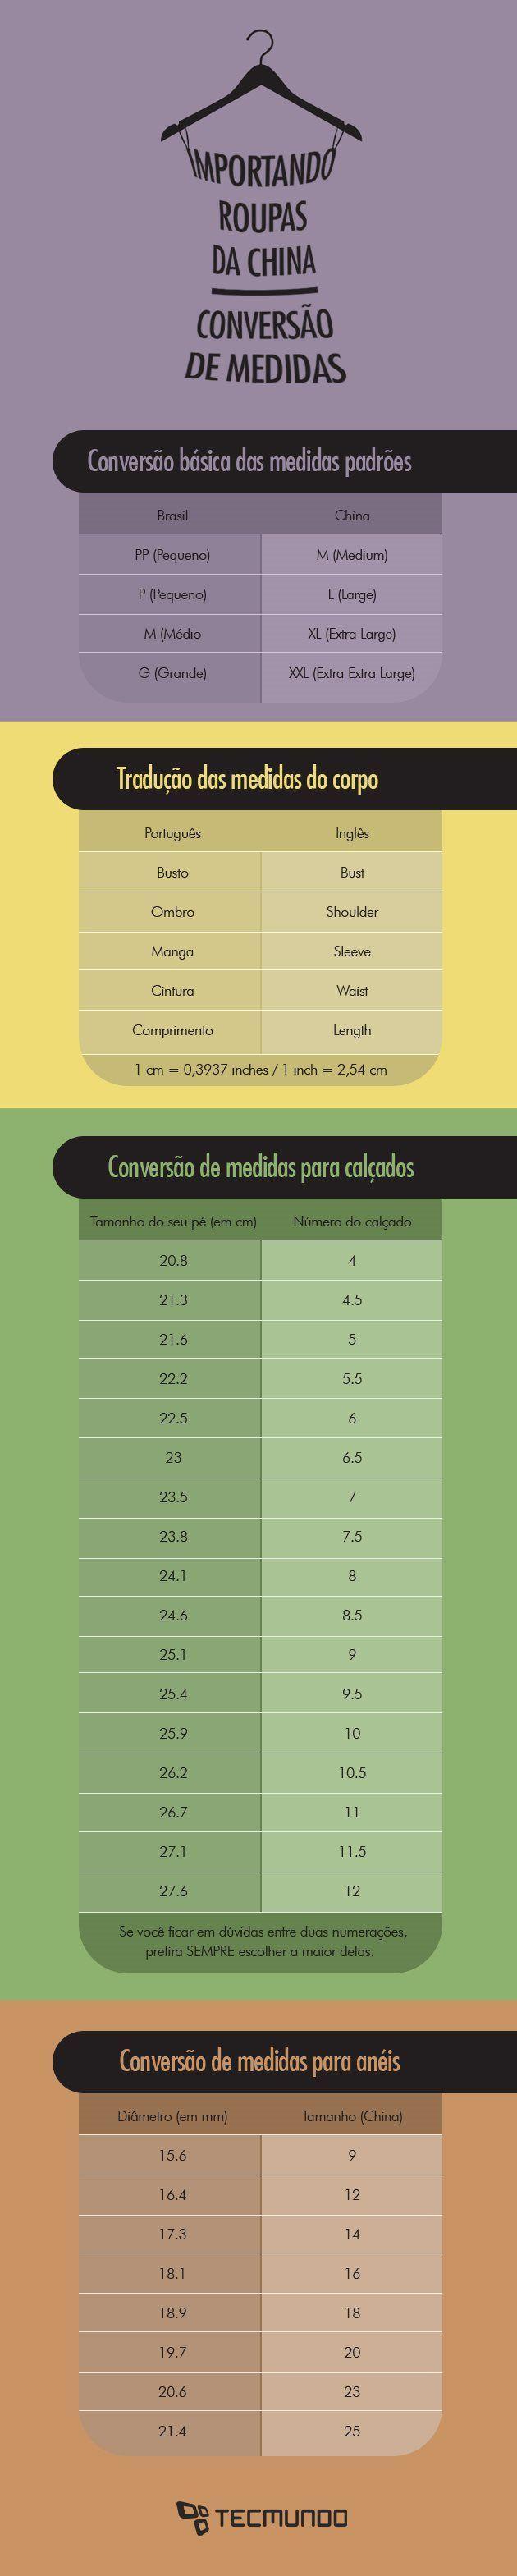 conversão de medidas roupas e sapatos Brasil - China